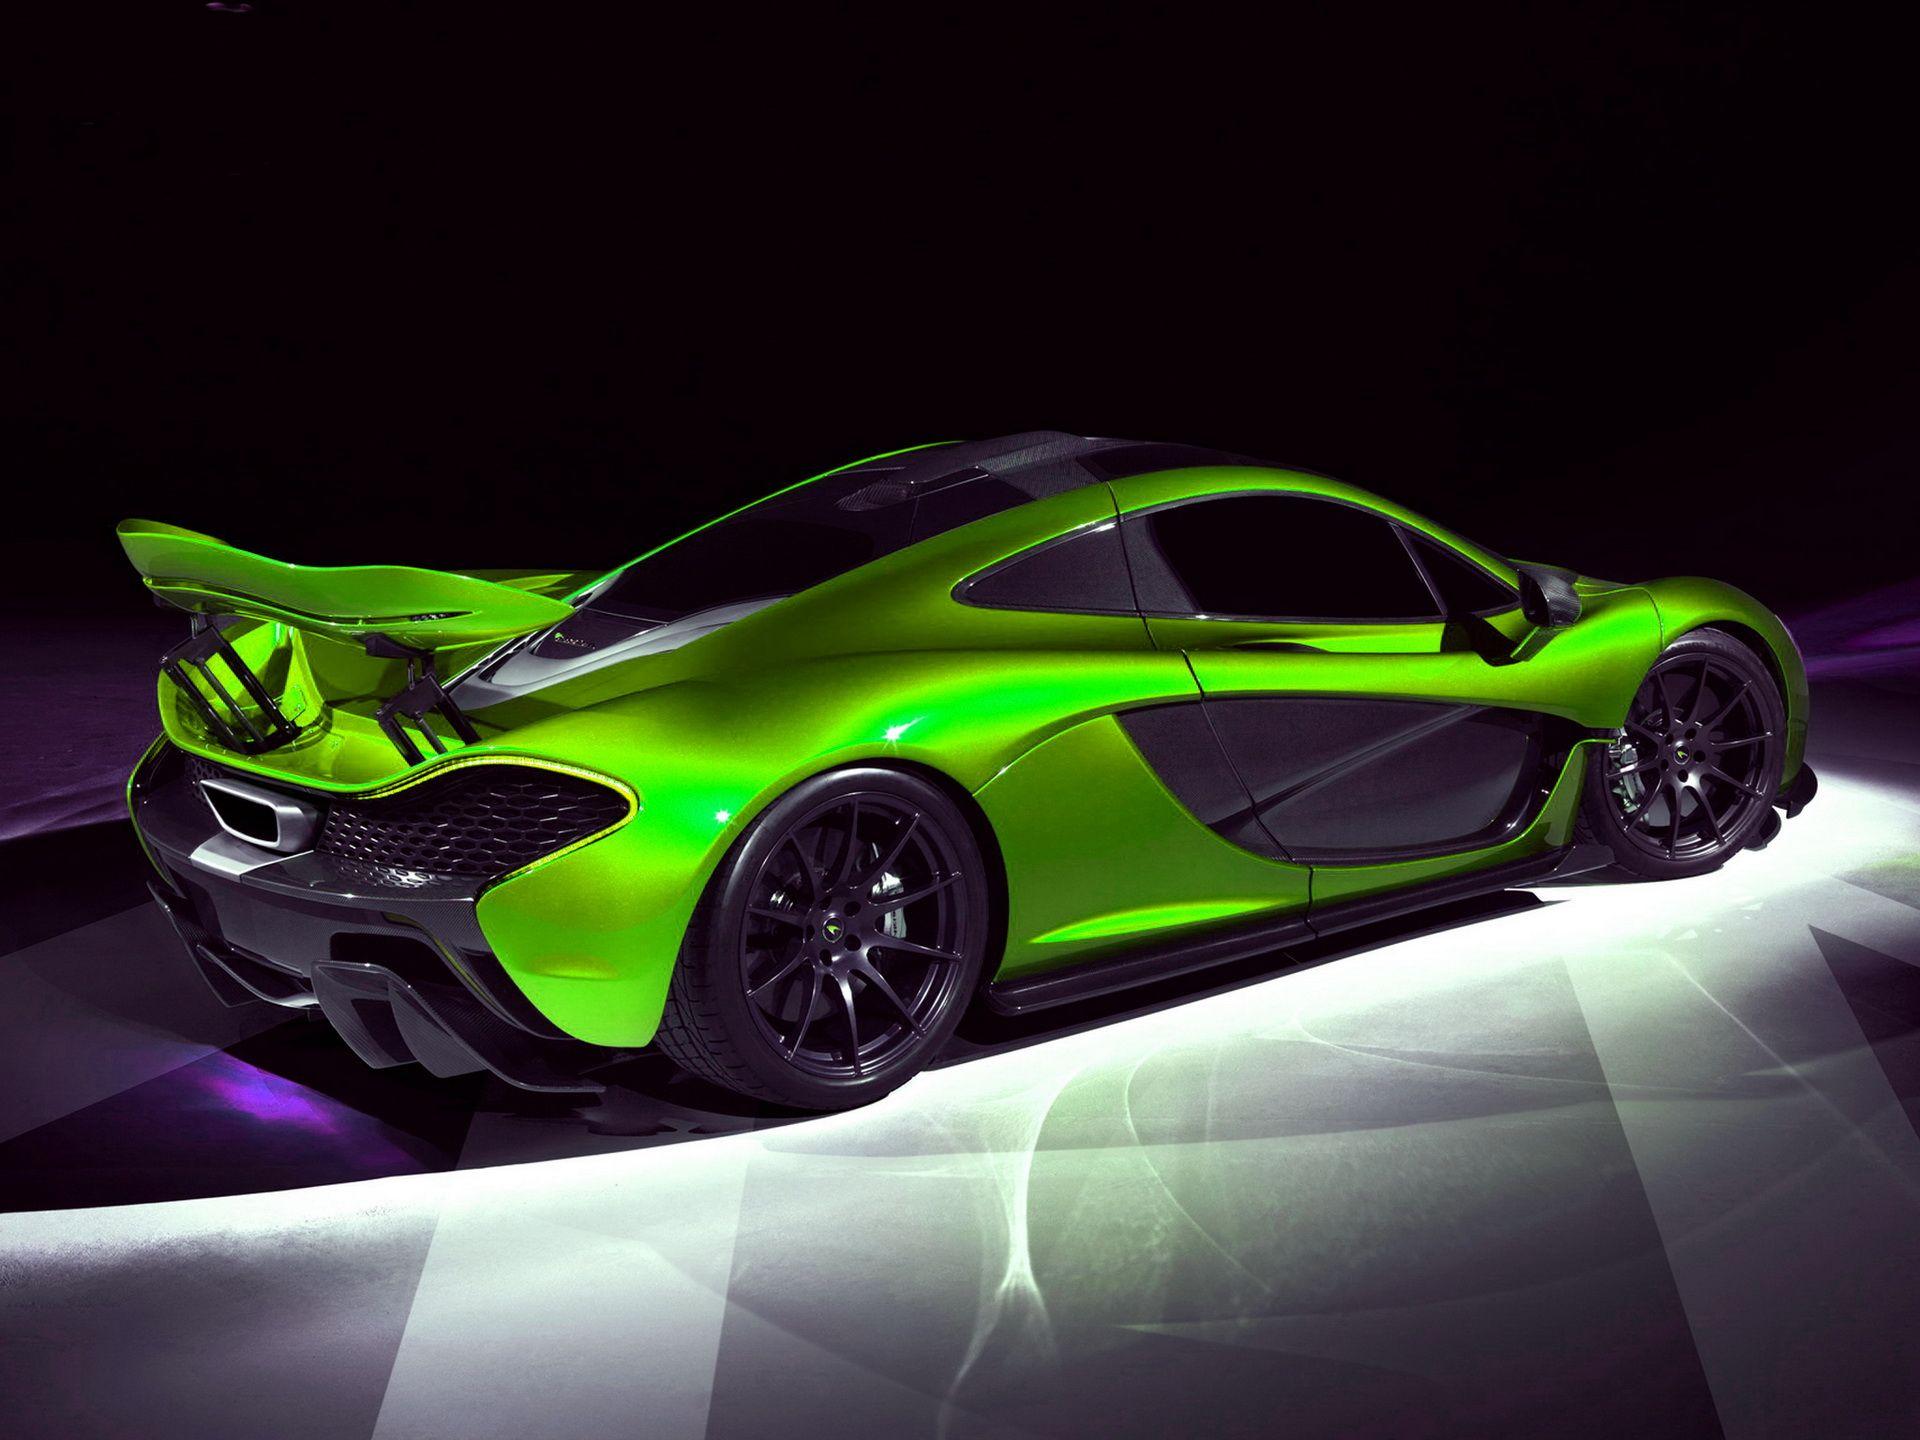 Mclaren P1 Definitely Looks Like A Futurecar Supercar Speed